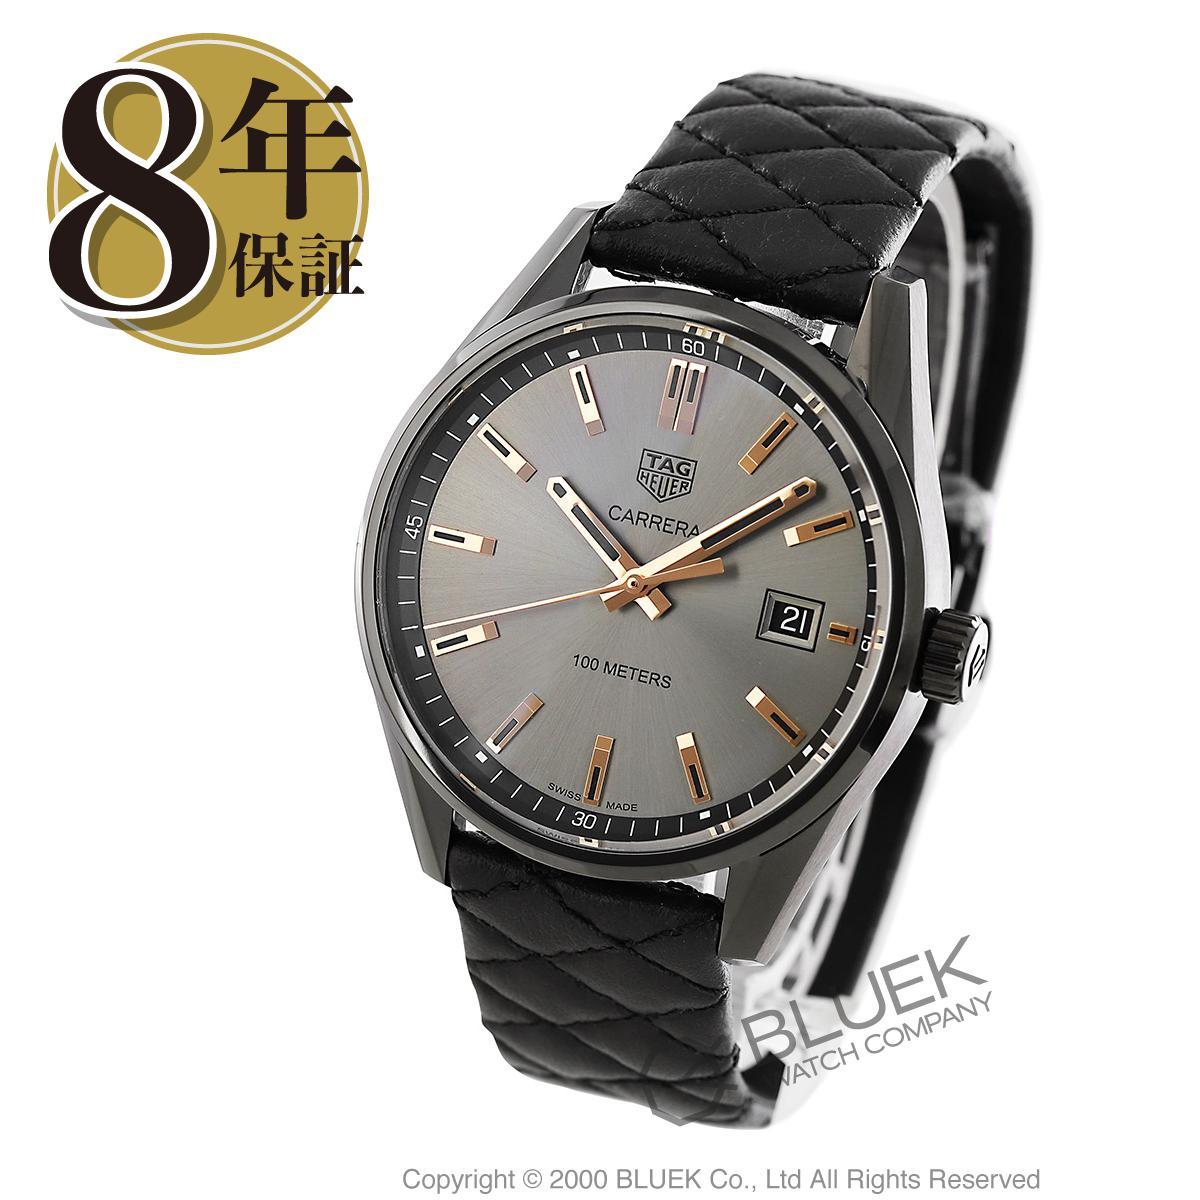 【最大3万円割引クーポン 11/01~】タグホイヤー カレラ レディ 腕時計 レディース TAG Heuer WAR1113.FC6392_8